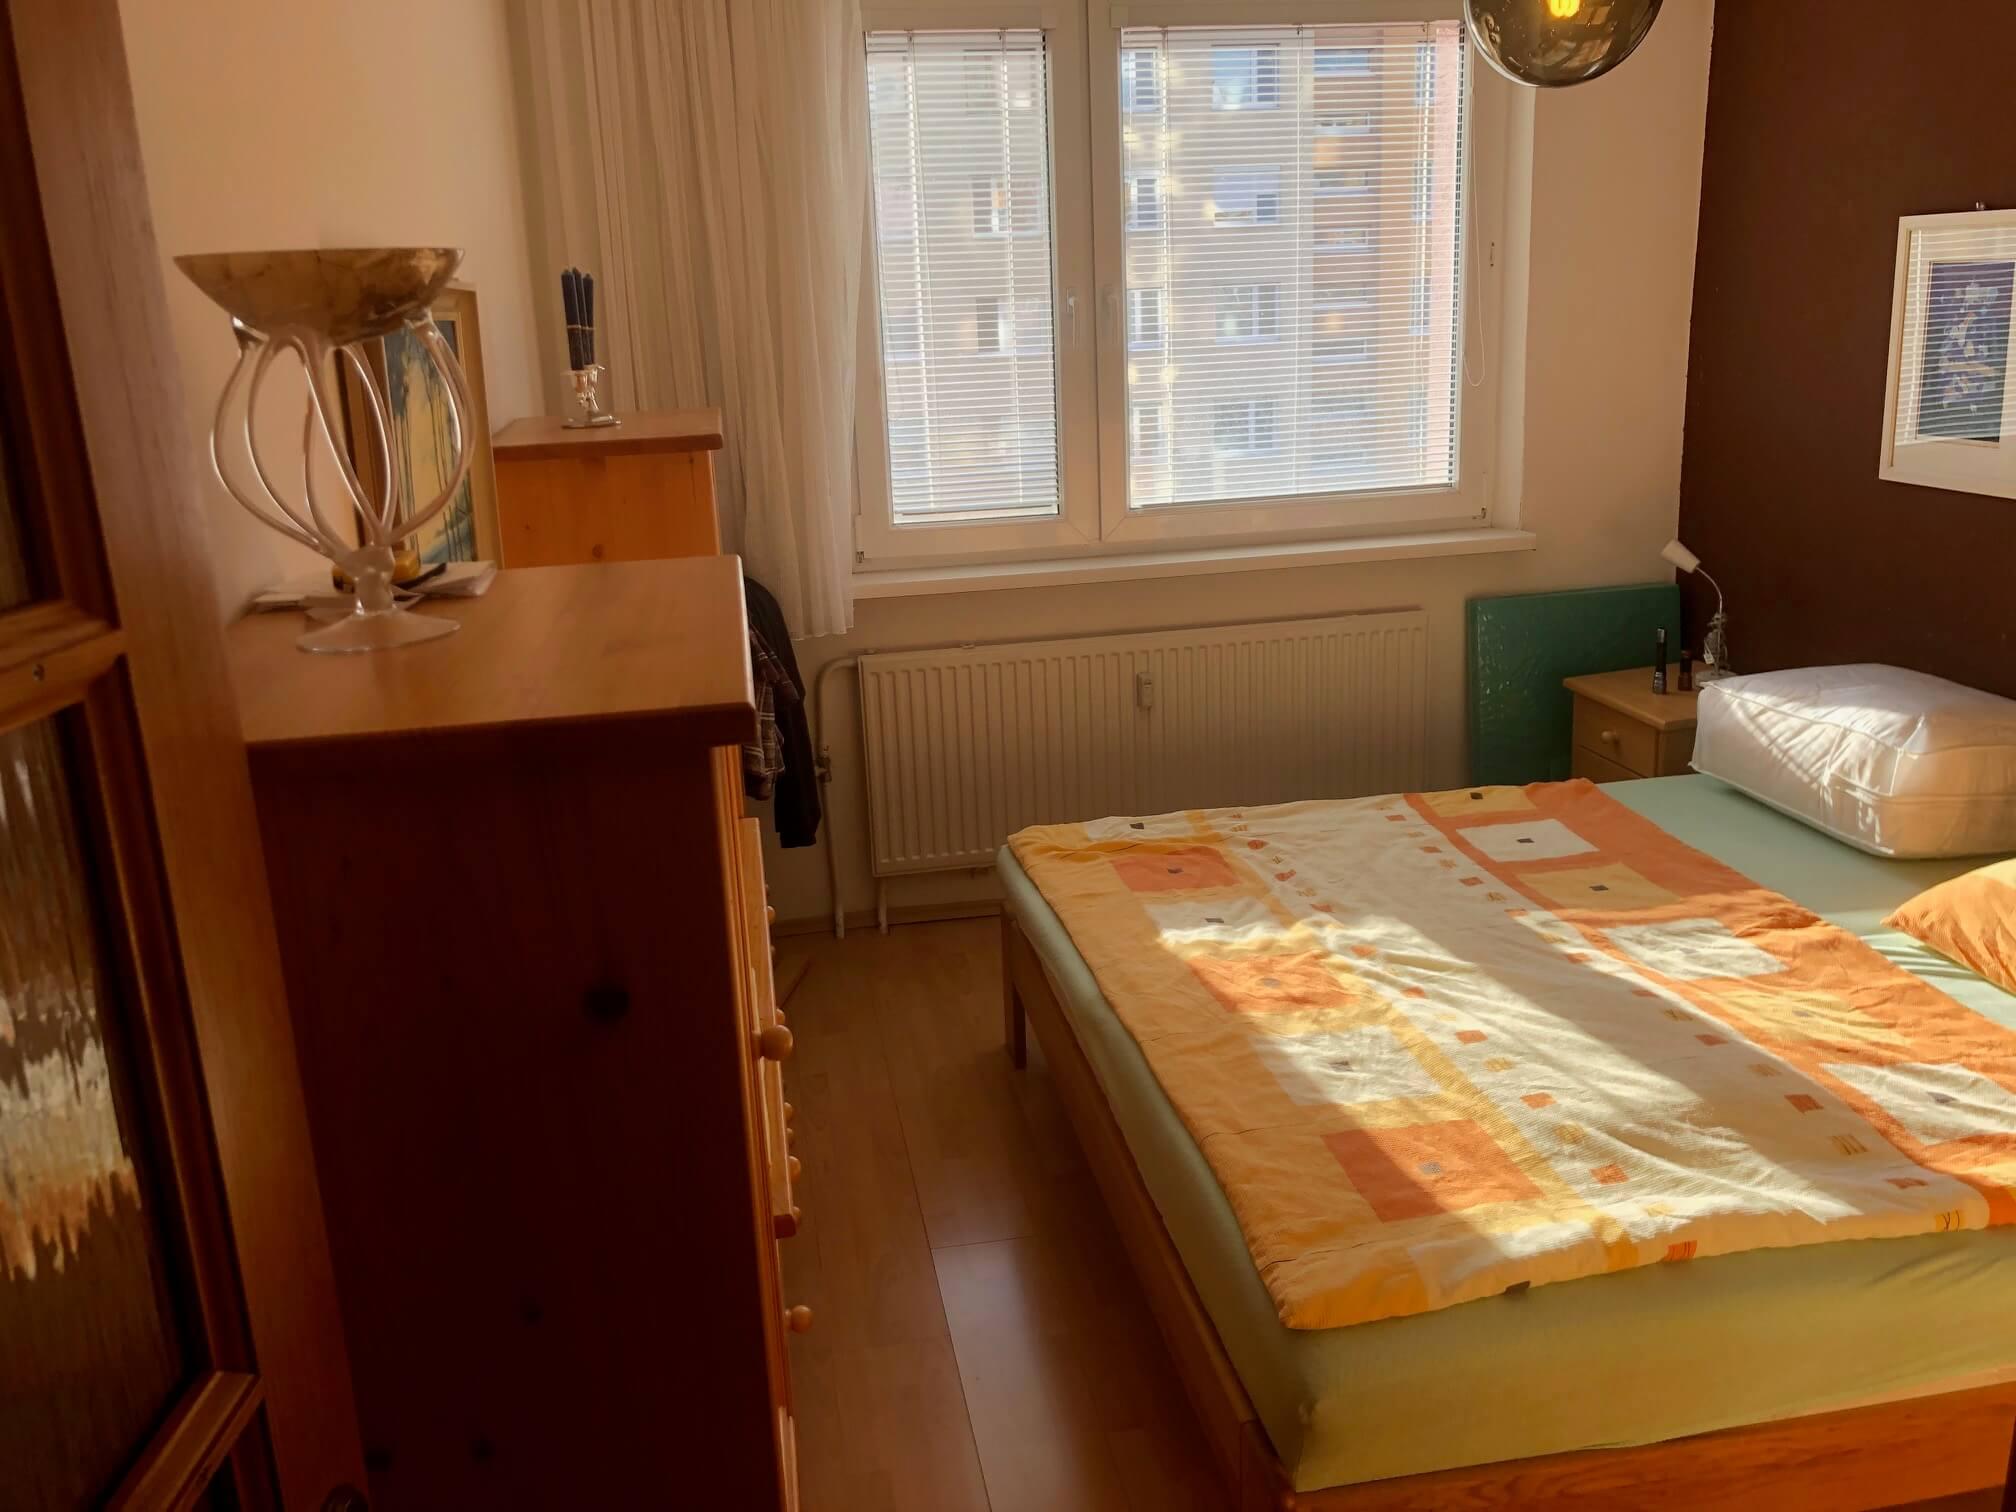 Predané: Exkluzívne na predaj 3 izbový byt, Devínska Nová Ves, Jána Poničana 3, 65m2, balkon 4m2,klimatizácia-30